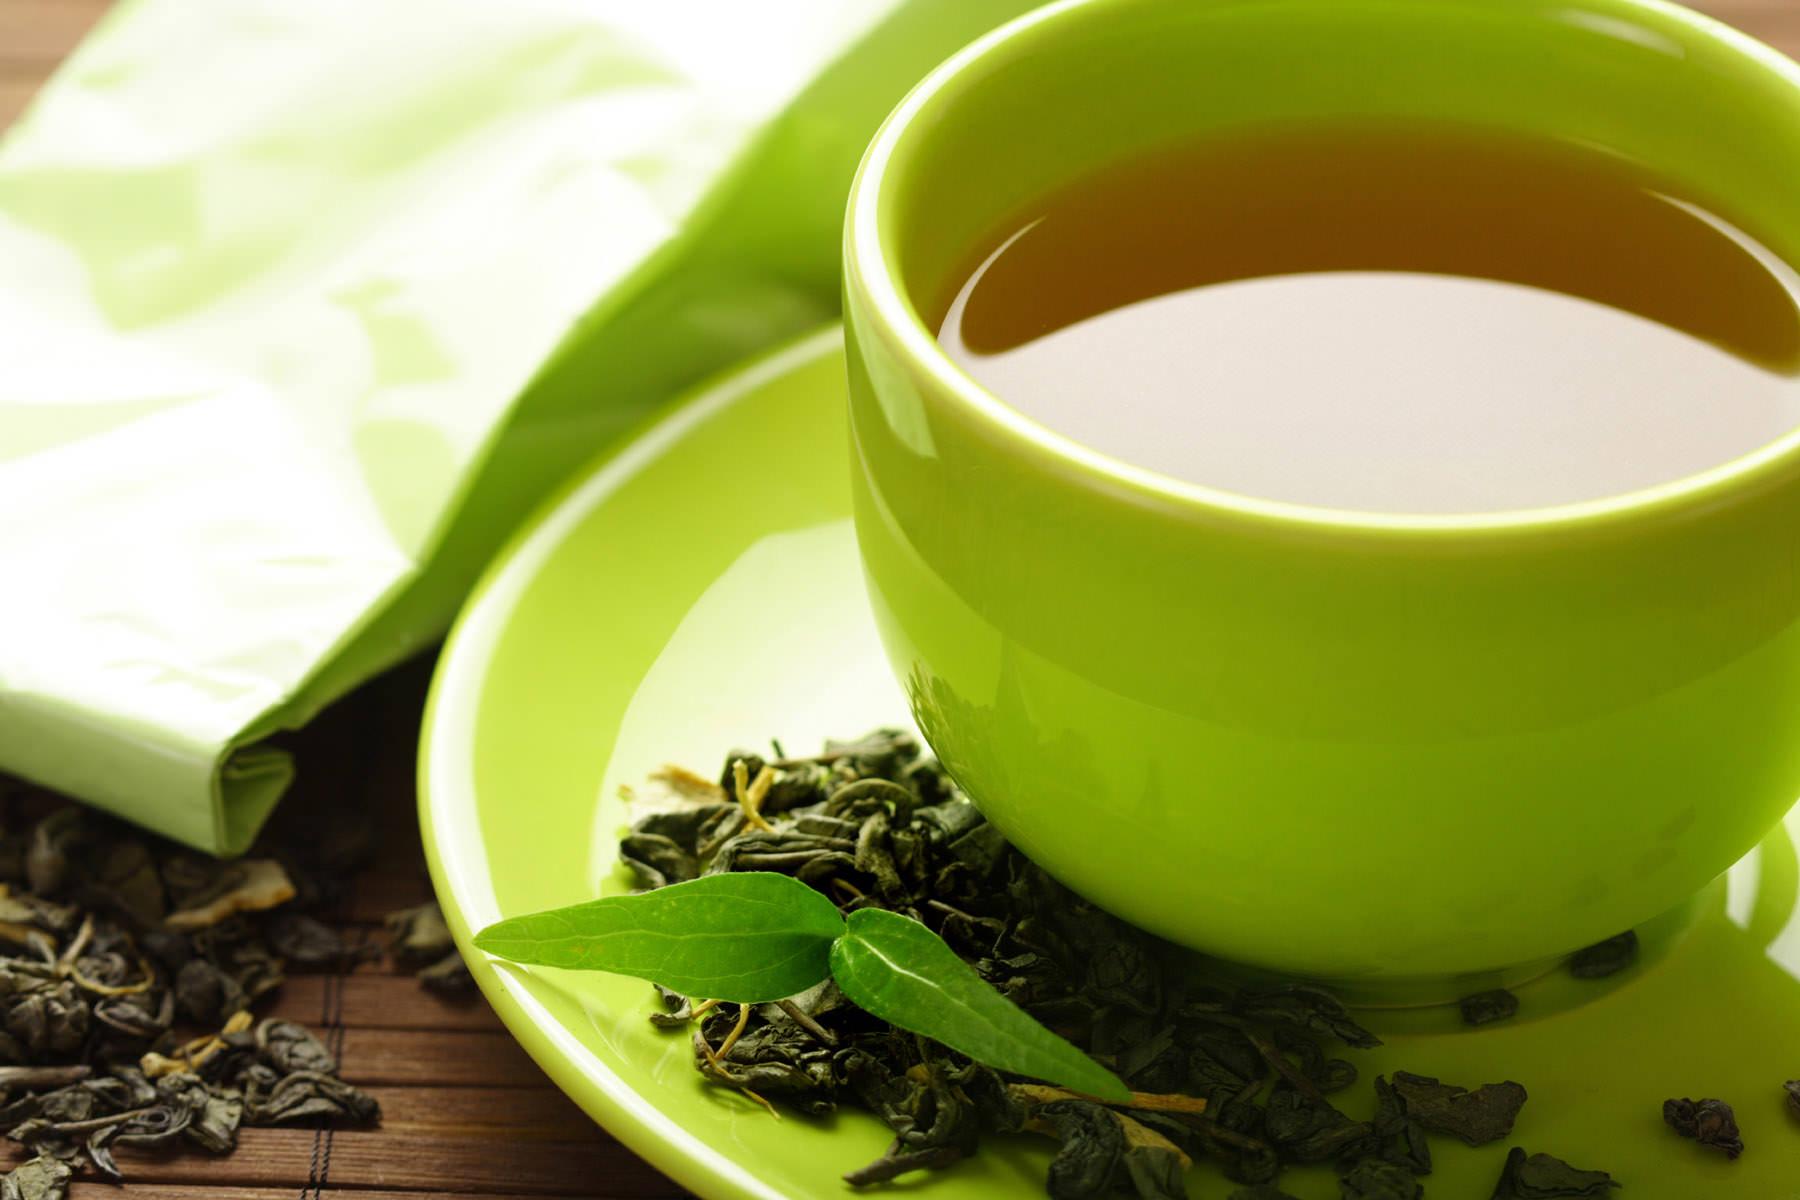 удержание картинки зеленый чай для тебя имеют микроскопические размеры